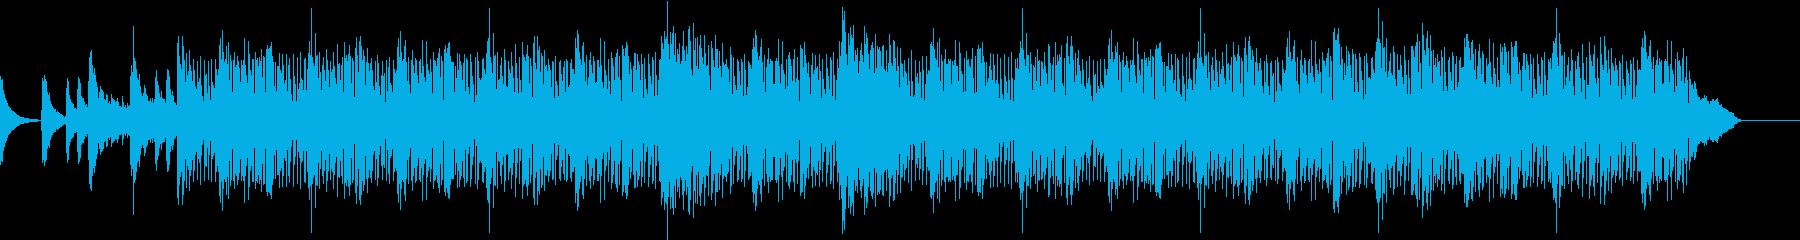 ホラー、ハロウィンイメージの曲の再生済みの波形